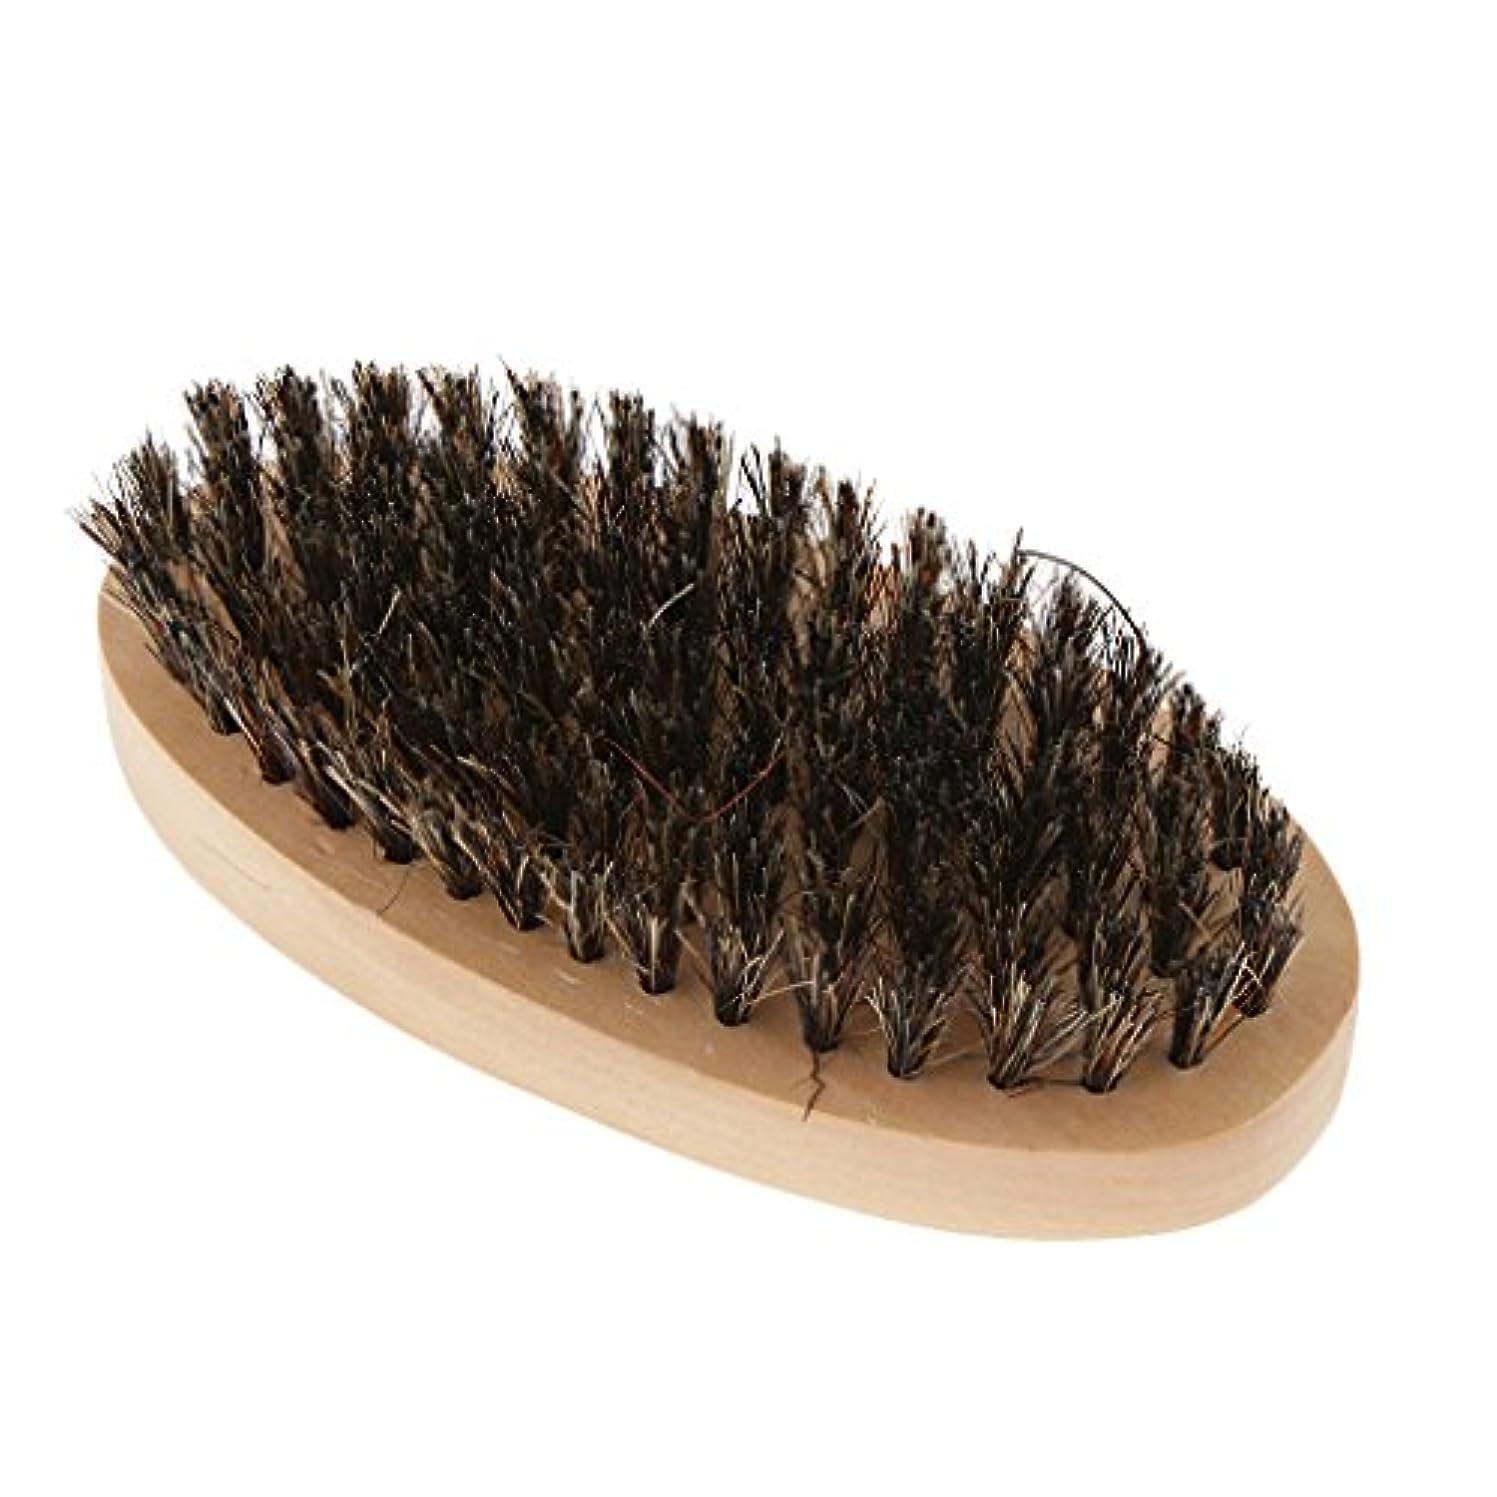 黒くする素朴な保証するビアードブラシ 男性 ひげブラシ 口ひげ 整髪スタイリング 木製のハンドル